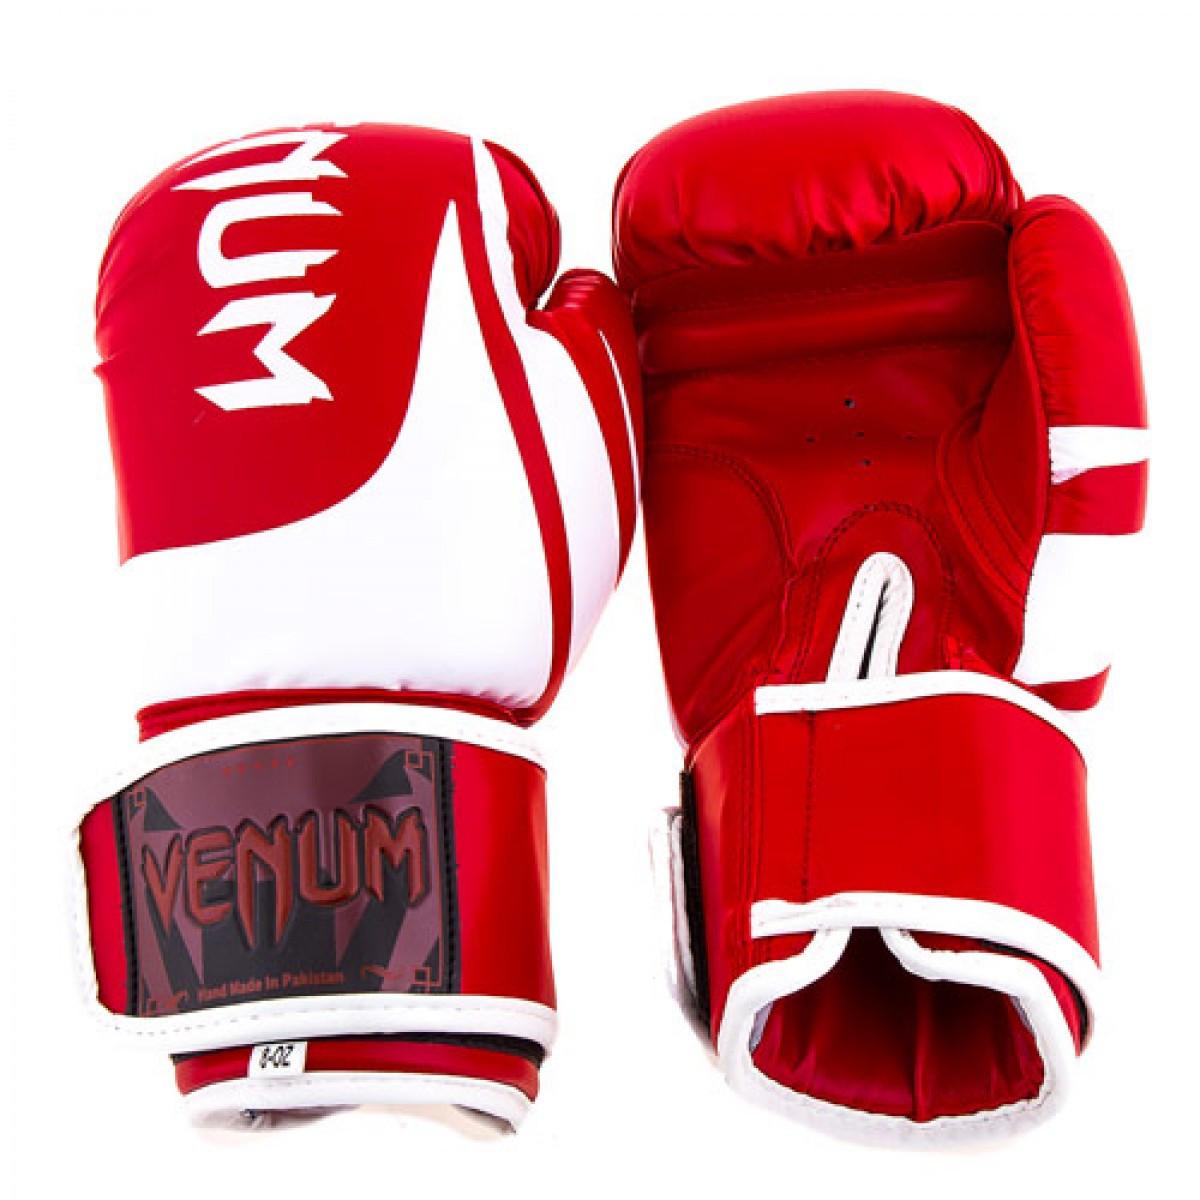 Детские боксерские перчатки VENUM VM2145 (реплика, красный) размер 8 унц.